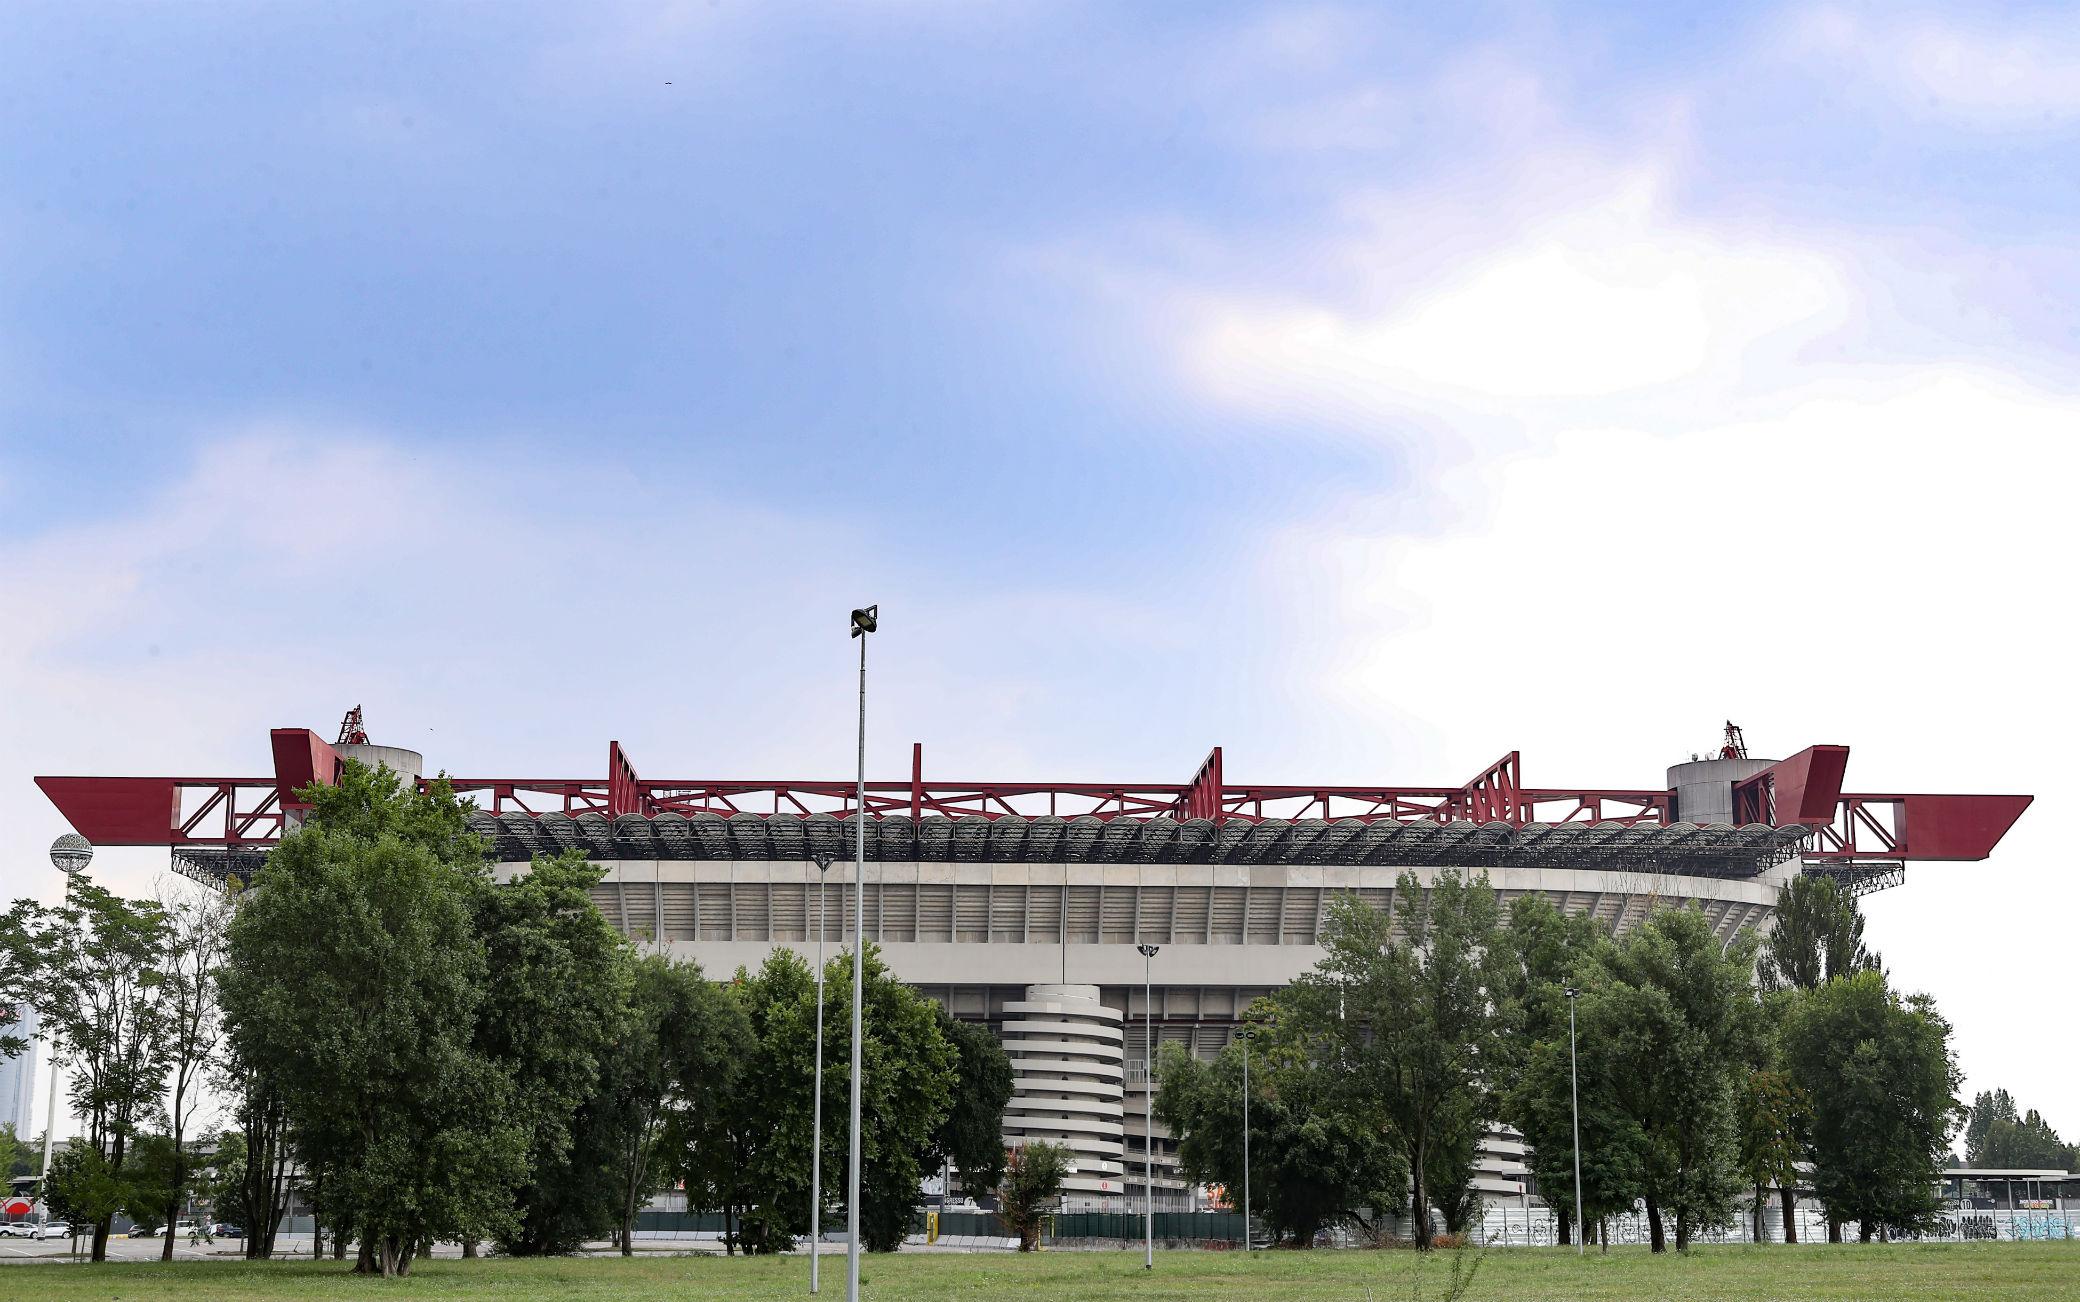 Calcio, in Lombardia riaperti stadi: fino a 1000 spettatori all'aperto